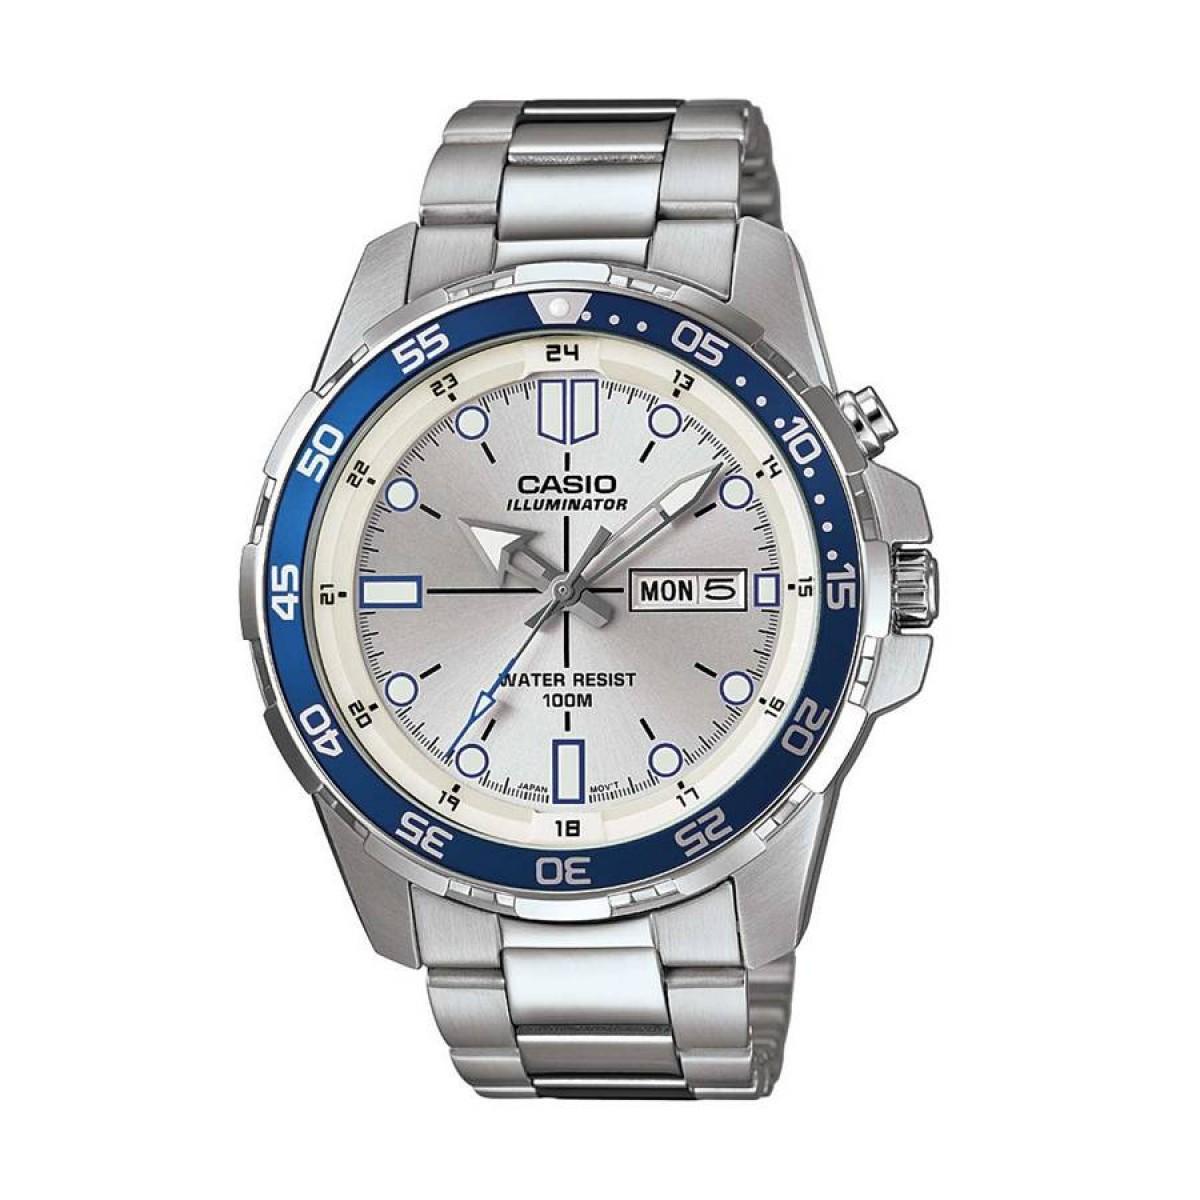 Часовник Casio MTD-1079D-7A1VEF